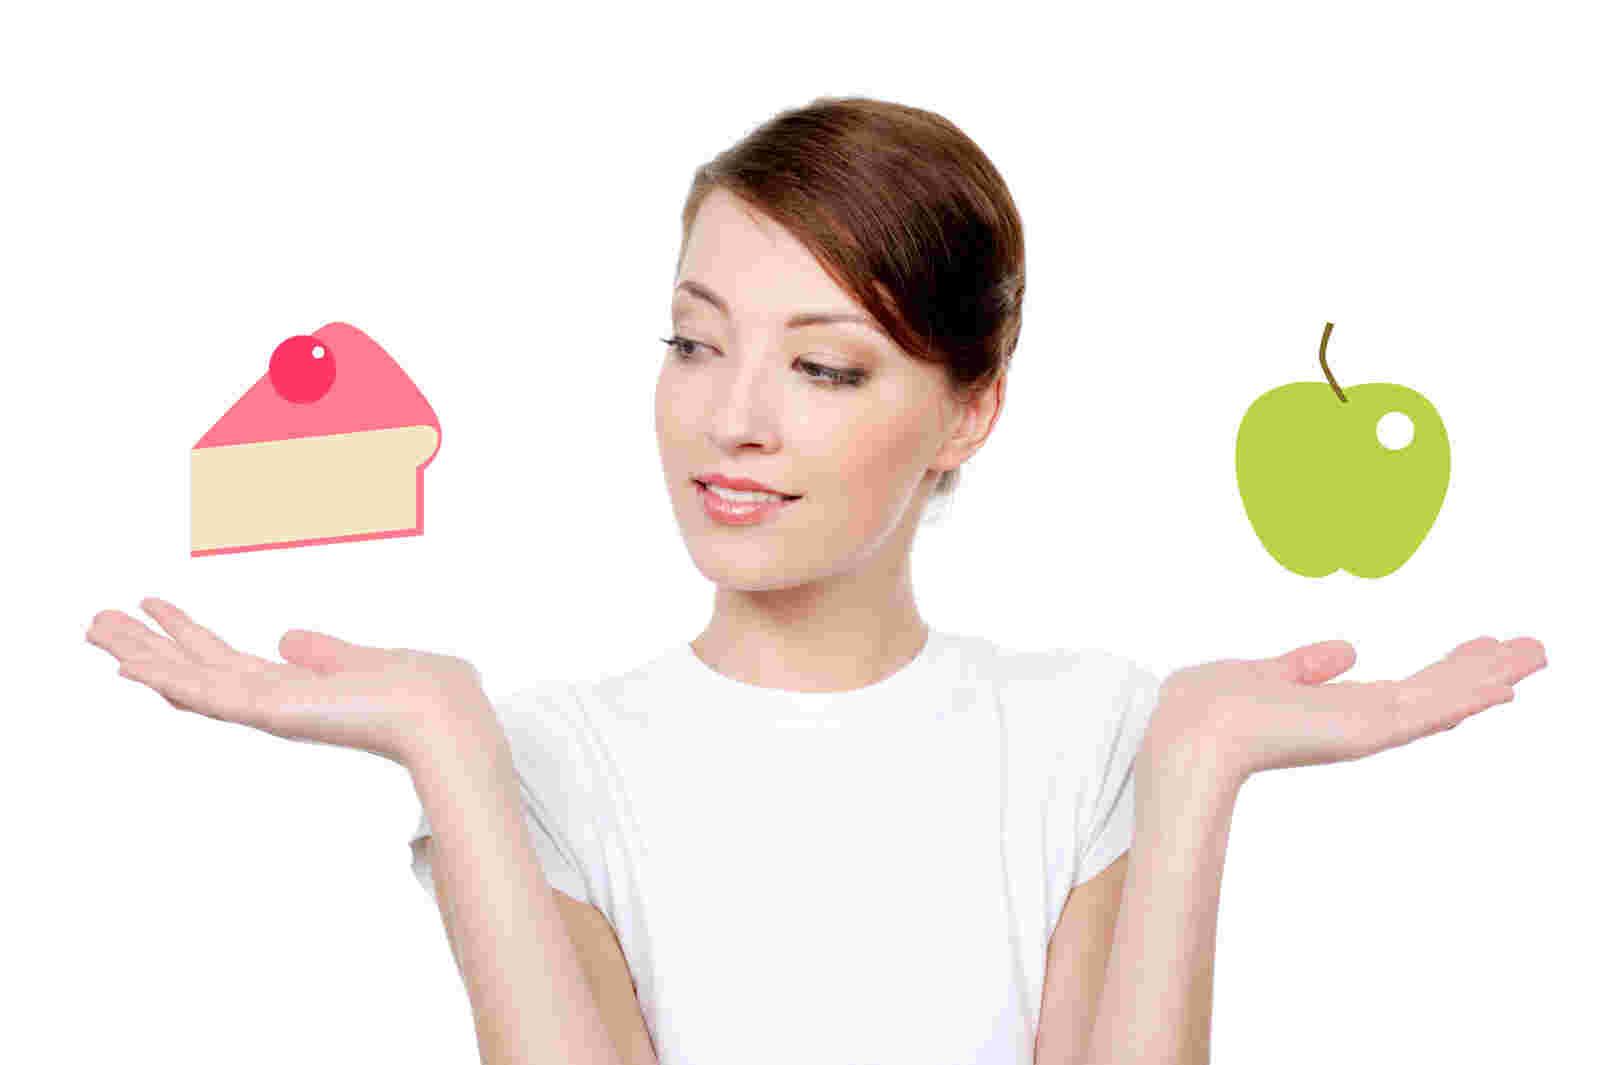 cake vs apple